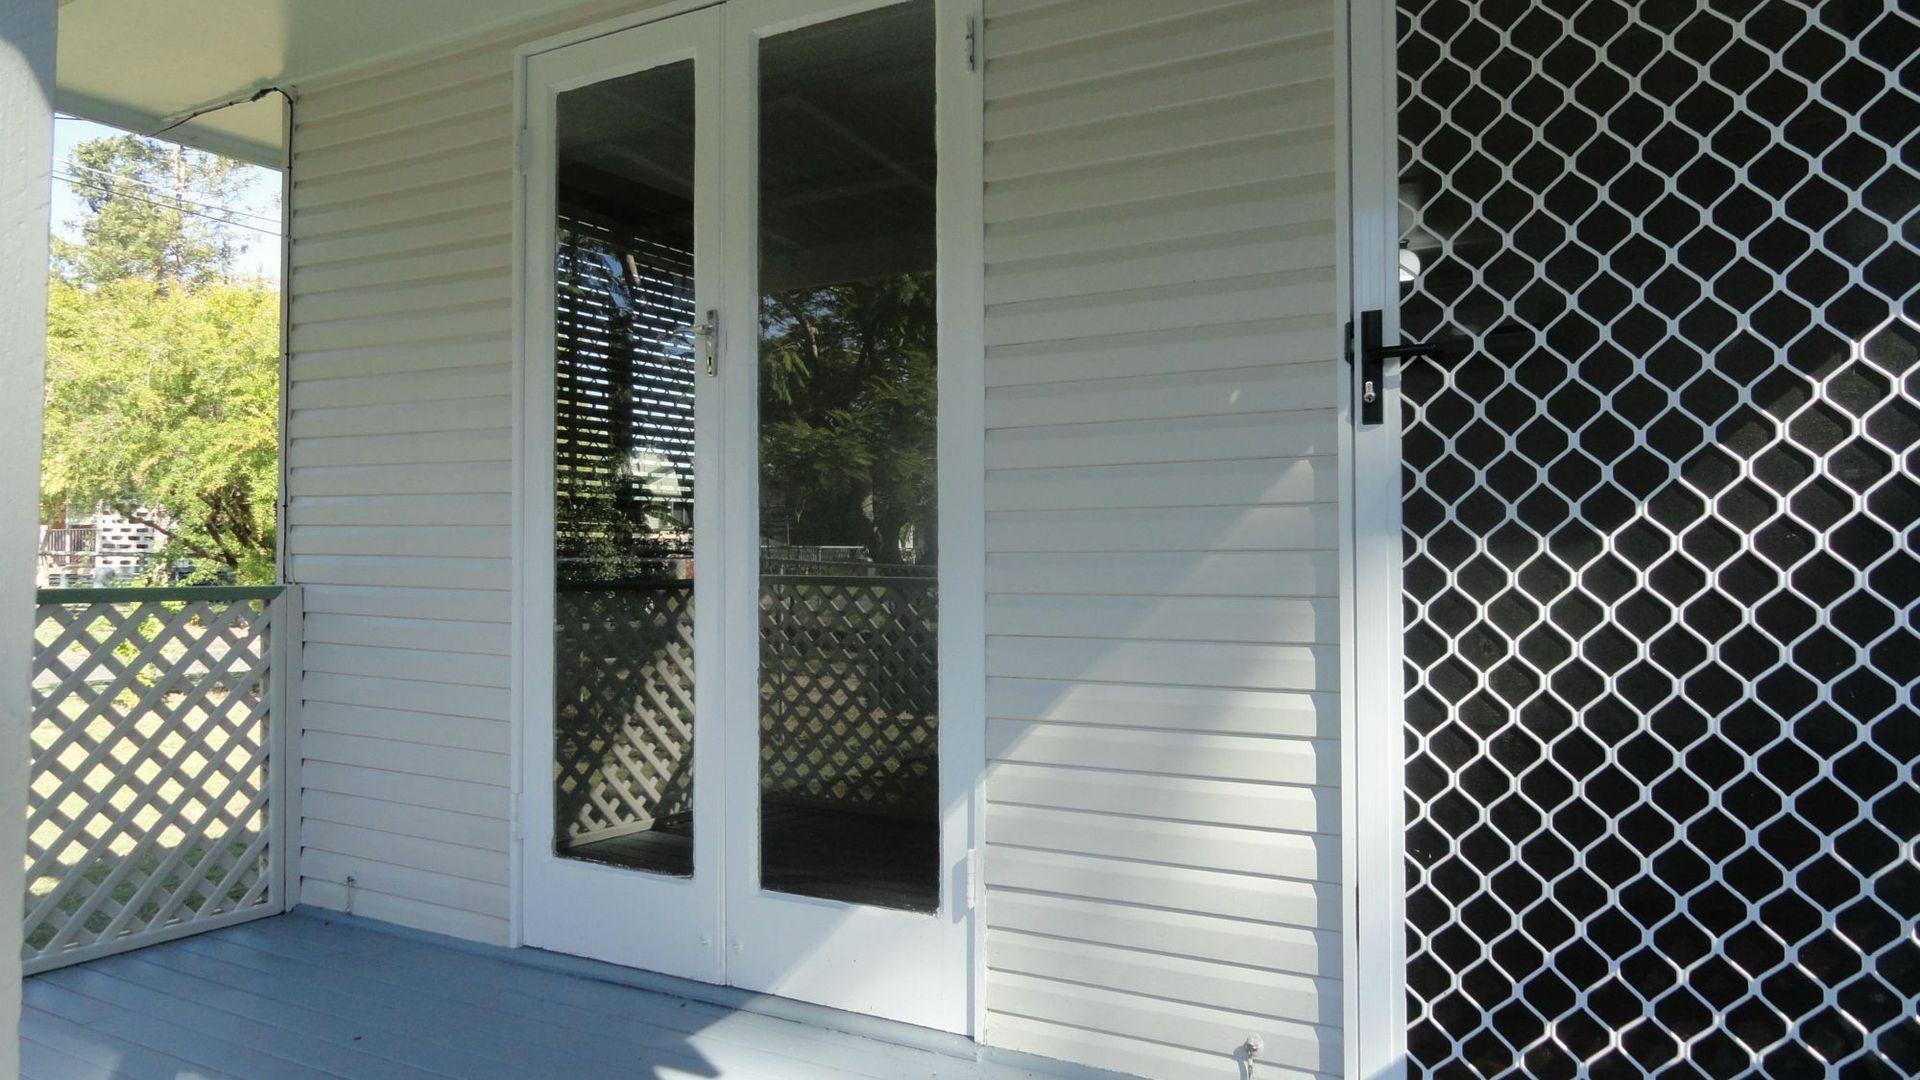 15 GEMINI Street, Inala QLD 4077, Image 2